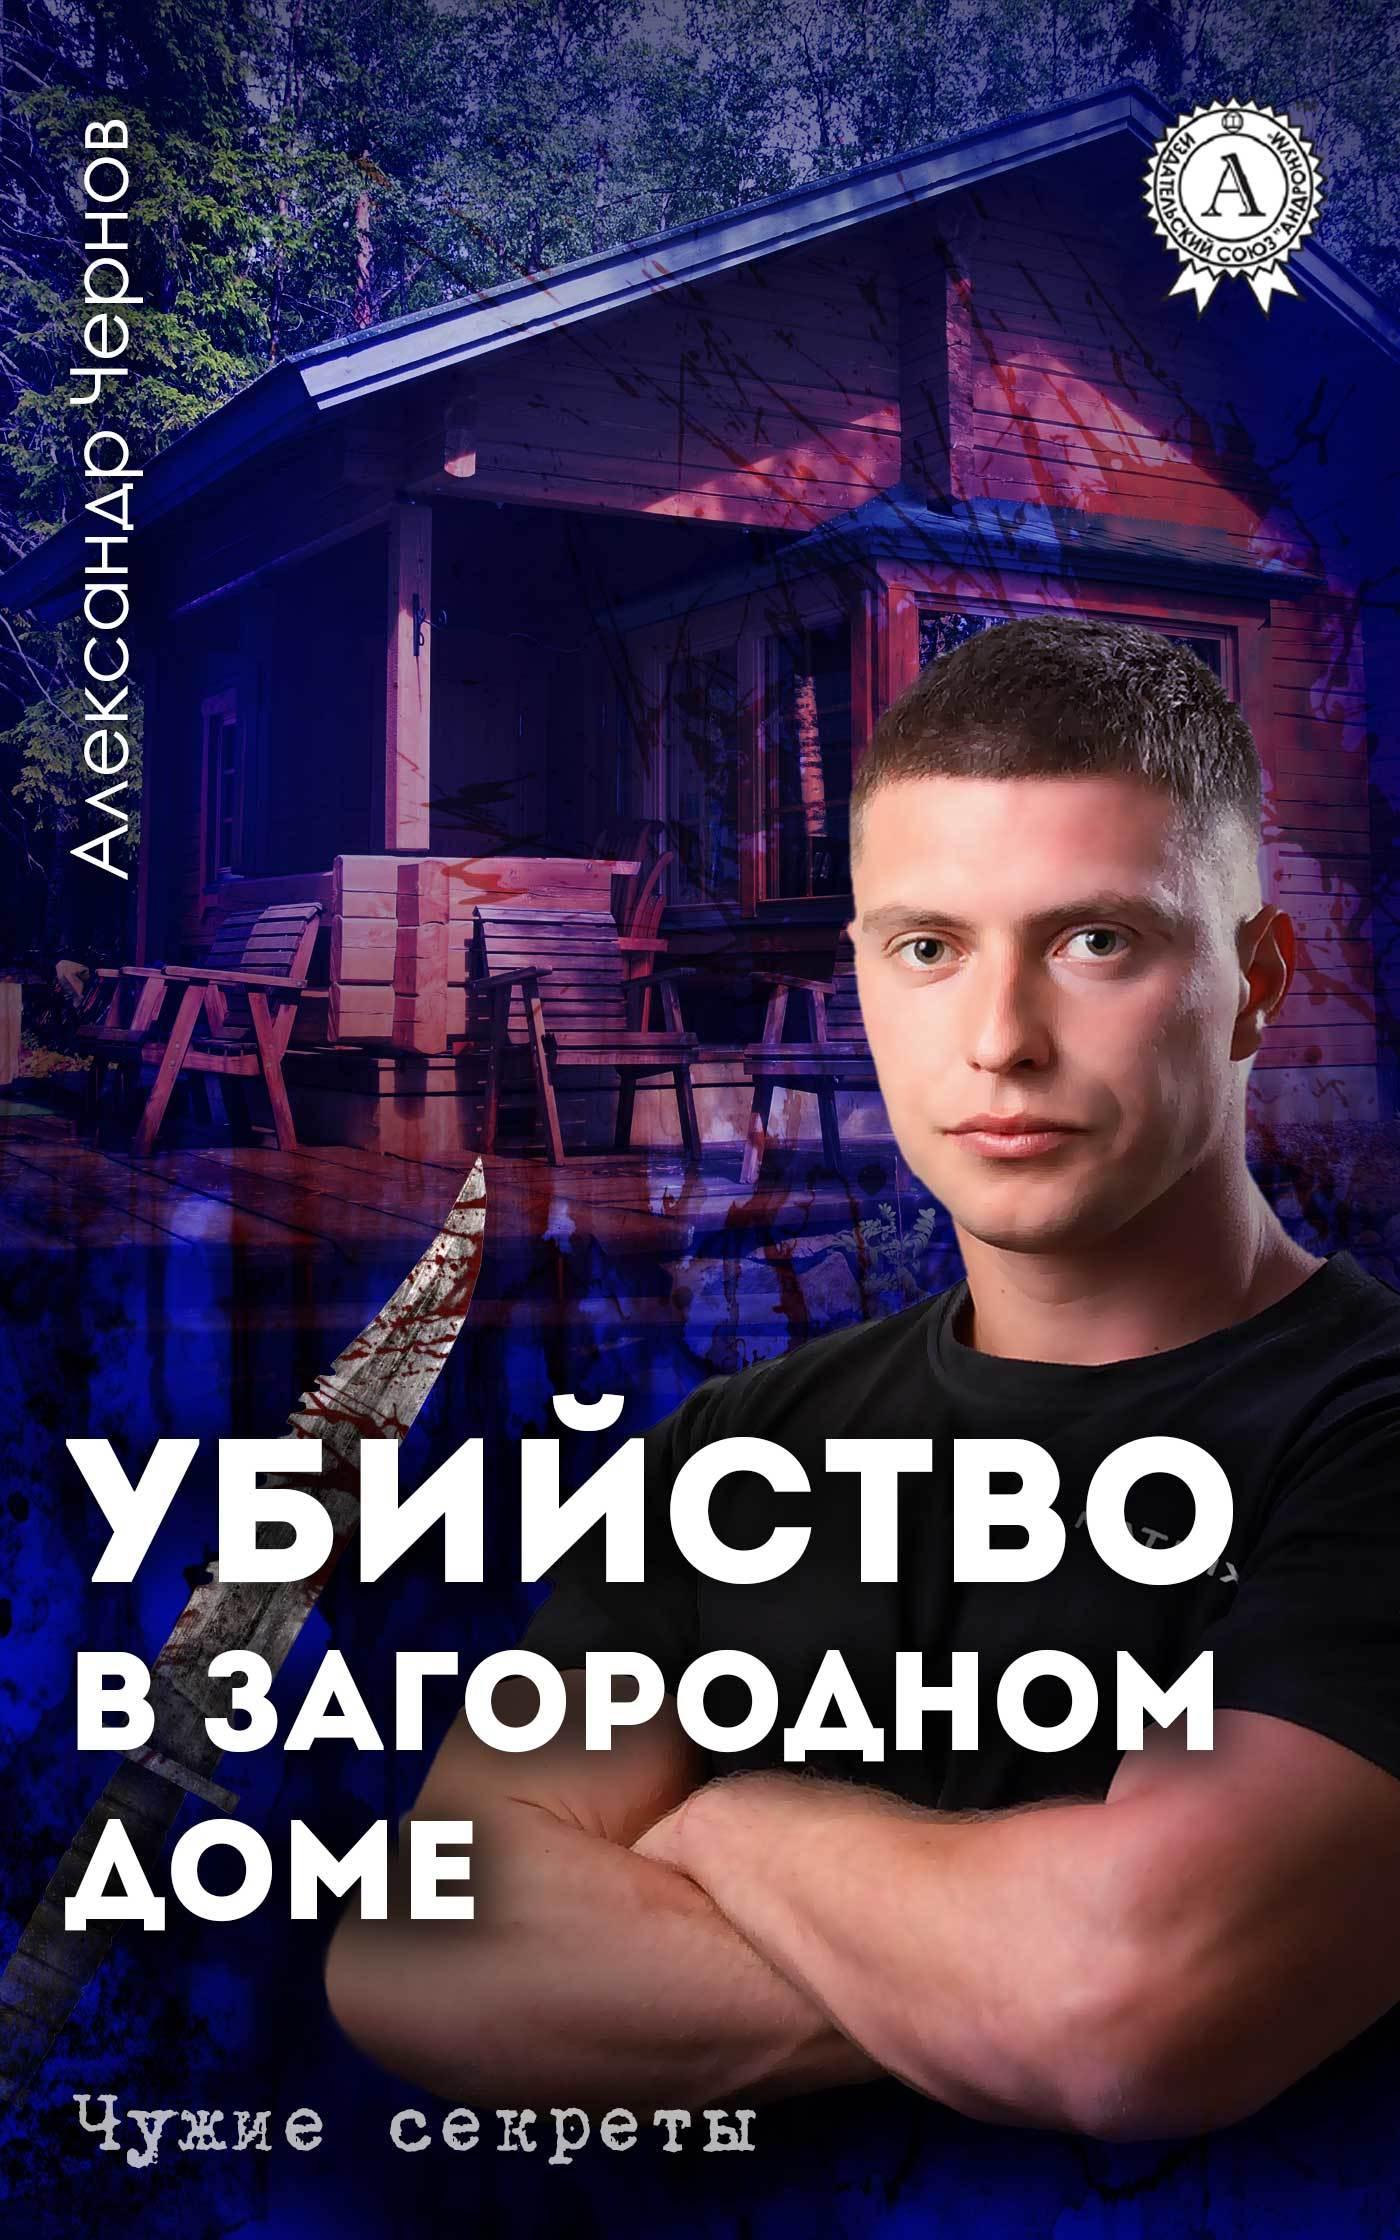 Александр Чернов бесплатно